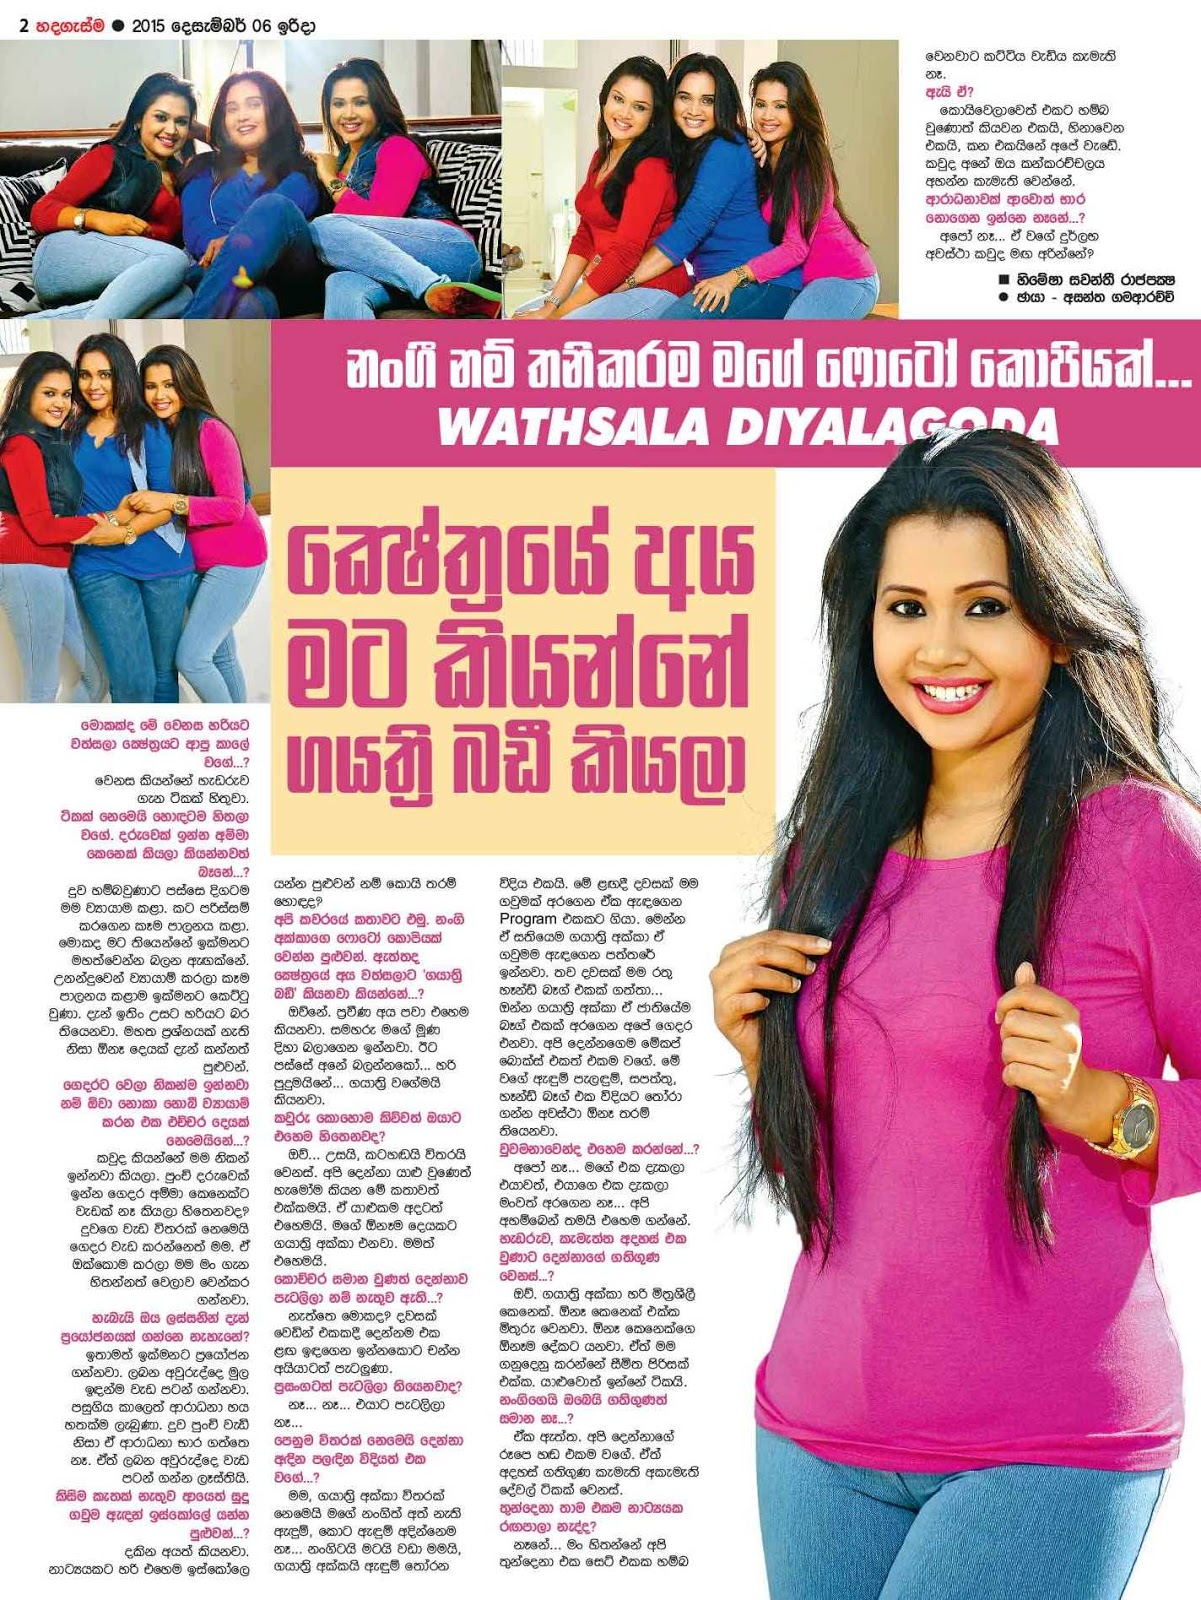 ගයත්රි බඩී - Wathsala Diyalagoda | Sri Lanka E Newspaper